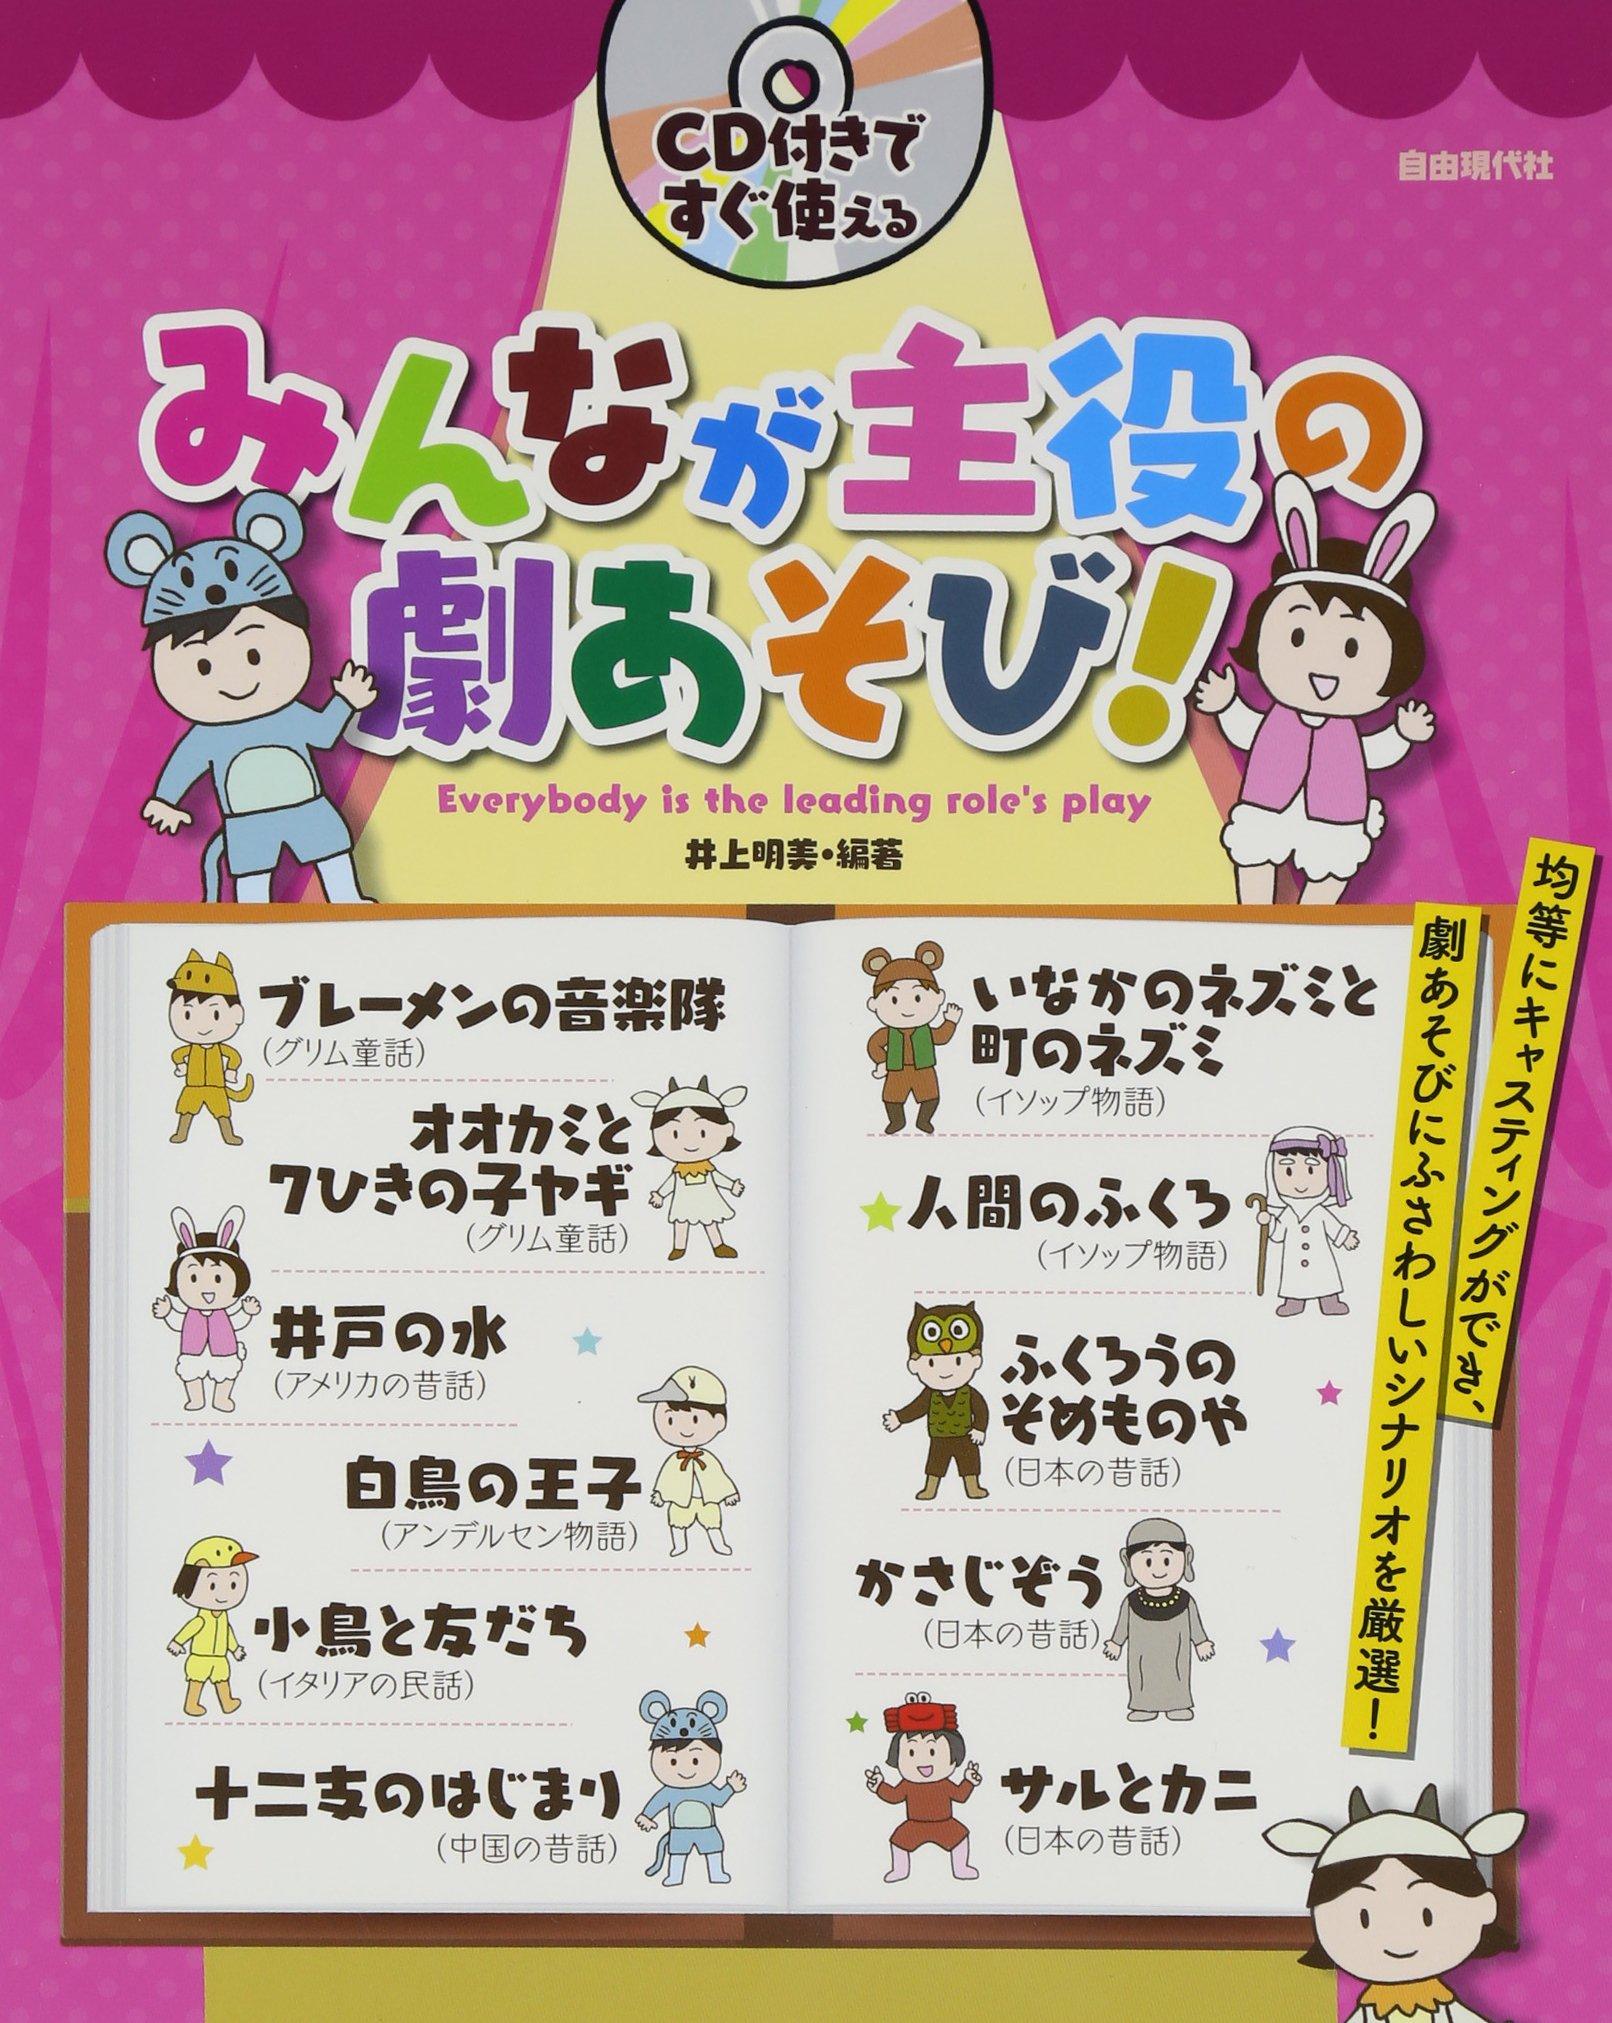 Download Minna ga shuyaku no gekiasobi : Shiditsuki de sugu tsukaeru : Kinto ni kyasutingu ga deki gekiasobi ni fusawashi shinario o gensen. PDF